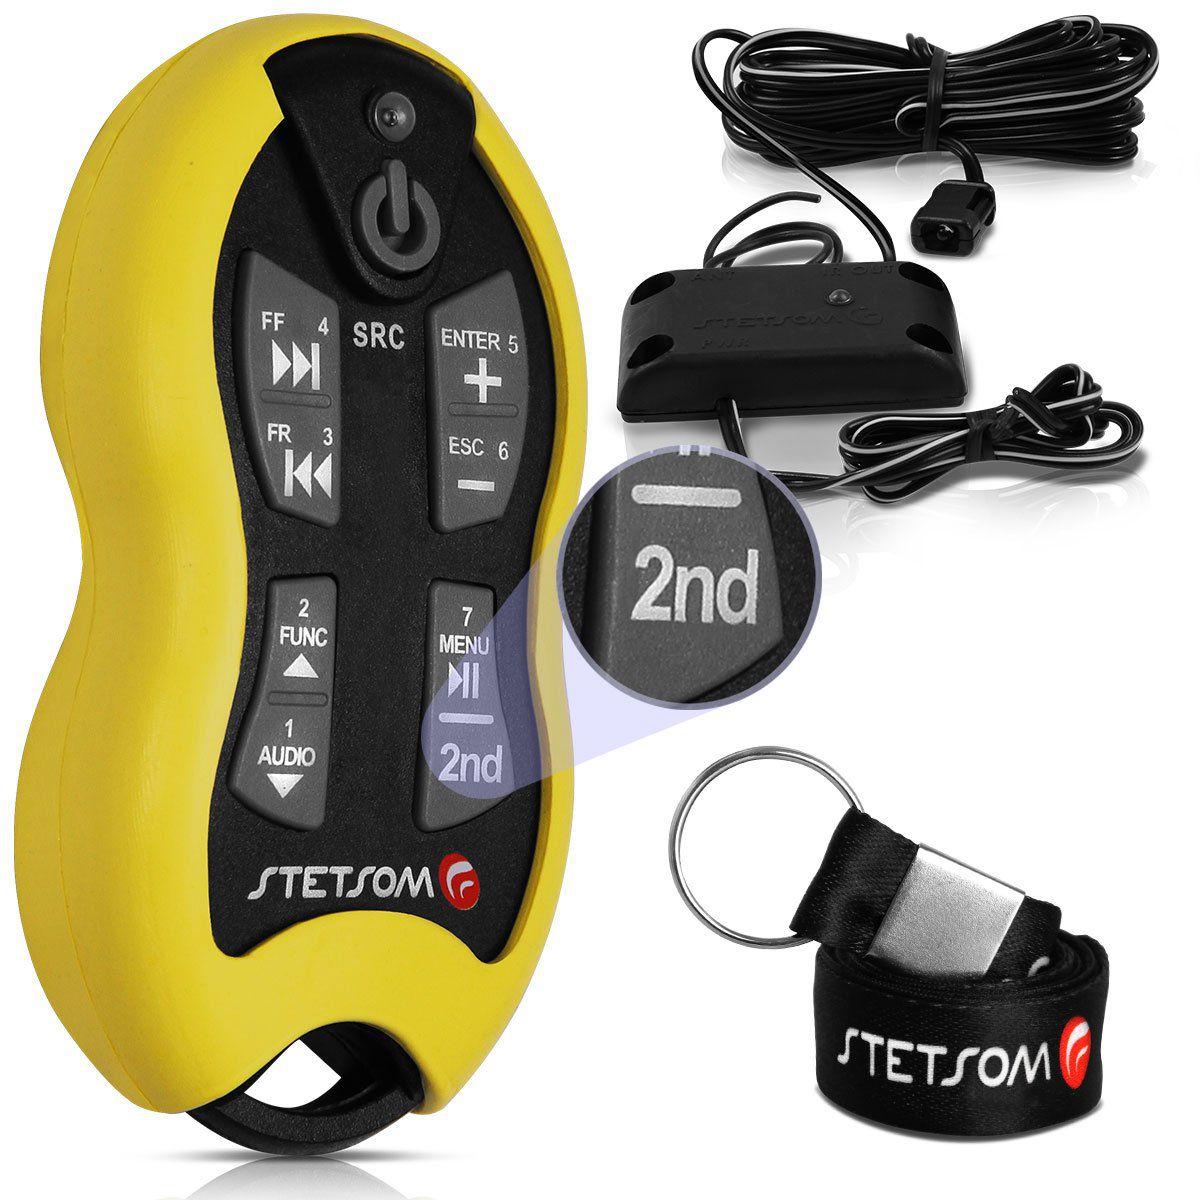 Controle Stetsom De Longa Distância Até 500M 16 Funções Sx2 Amarelo